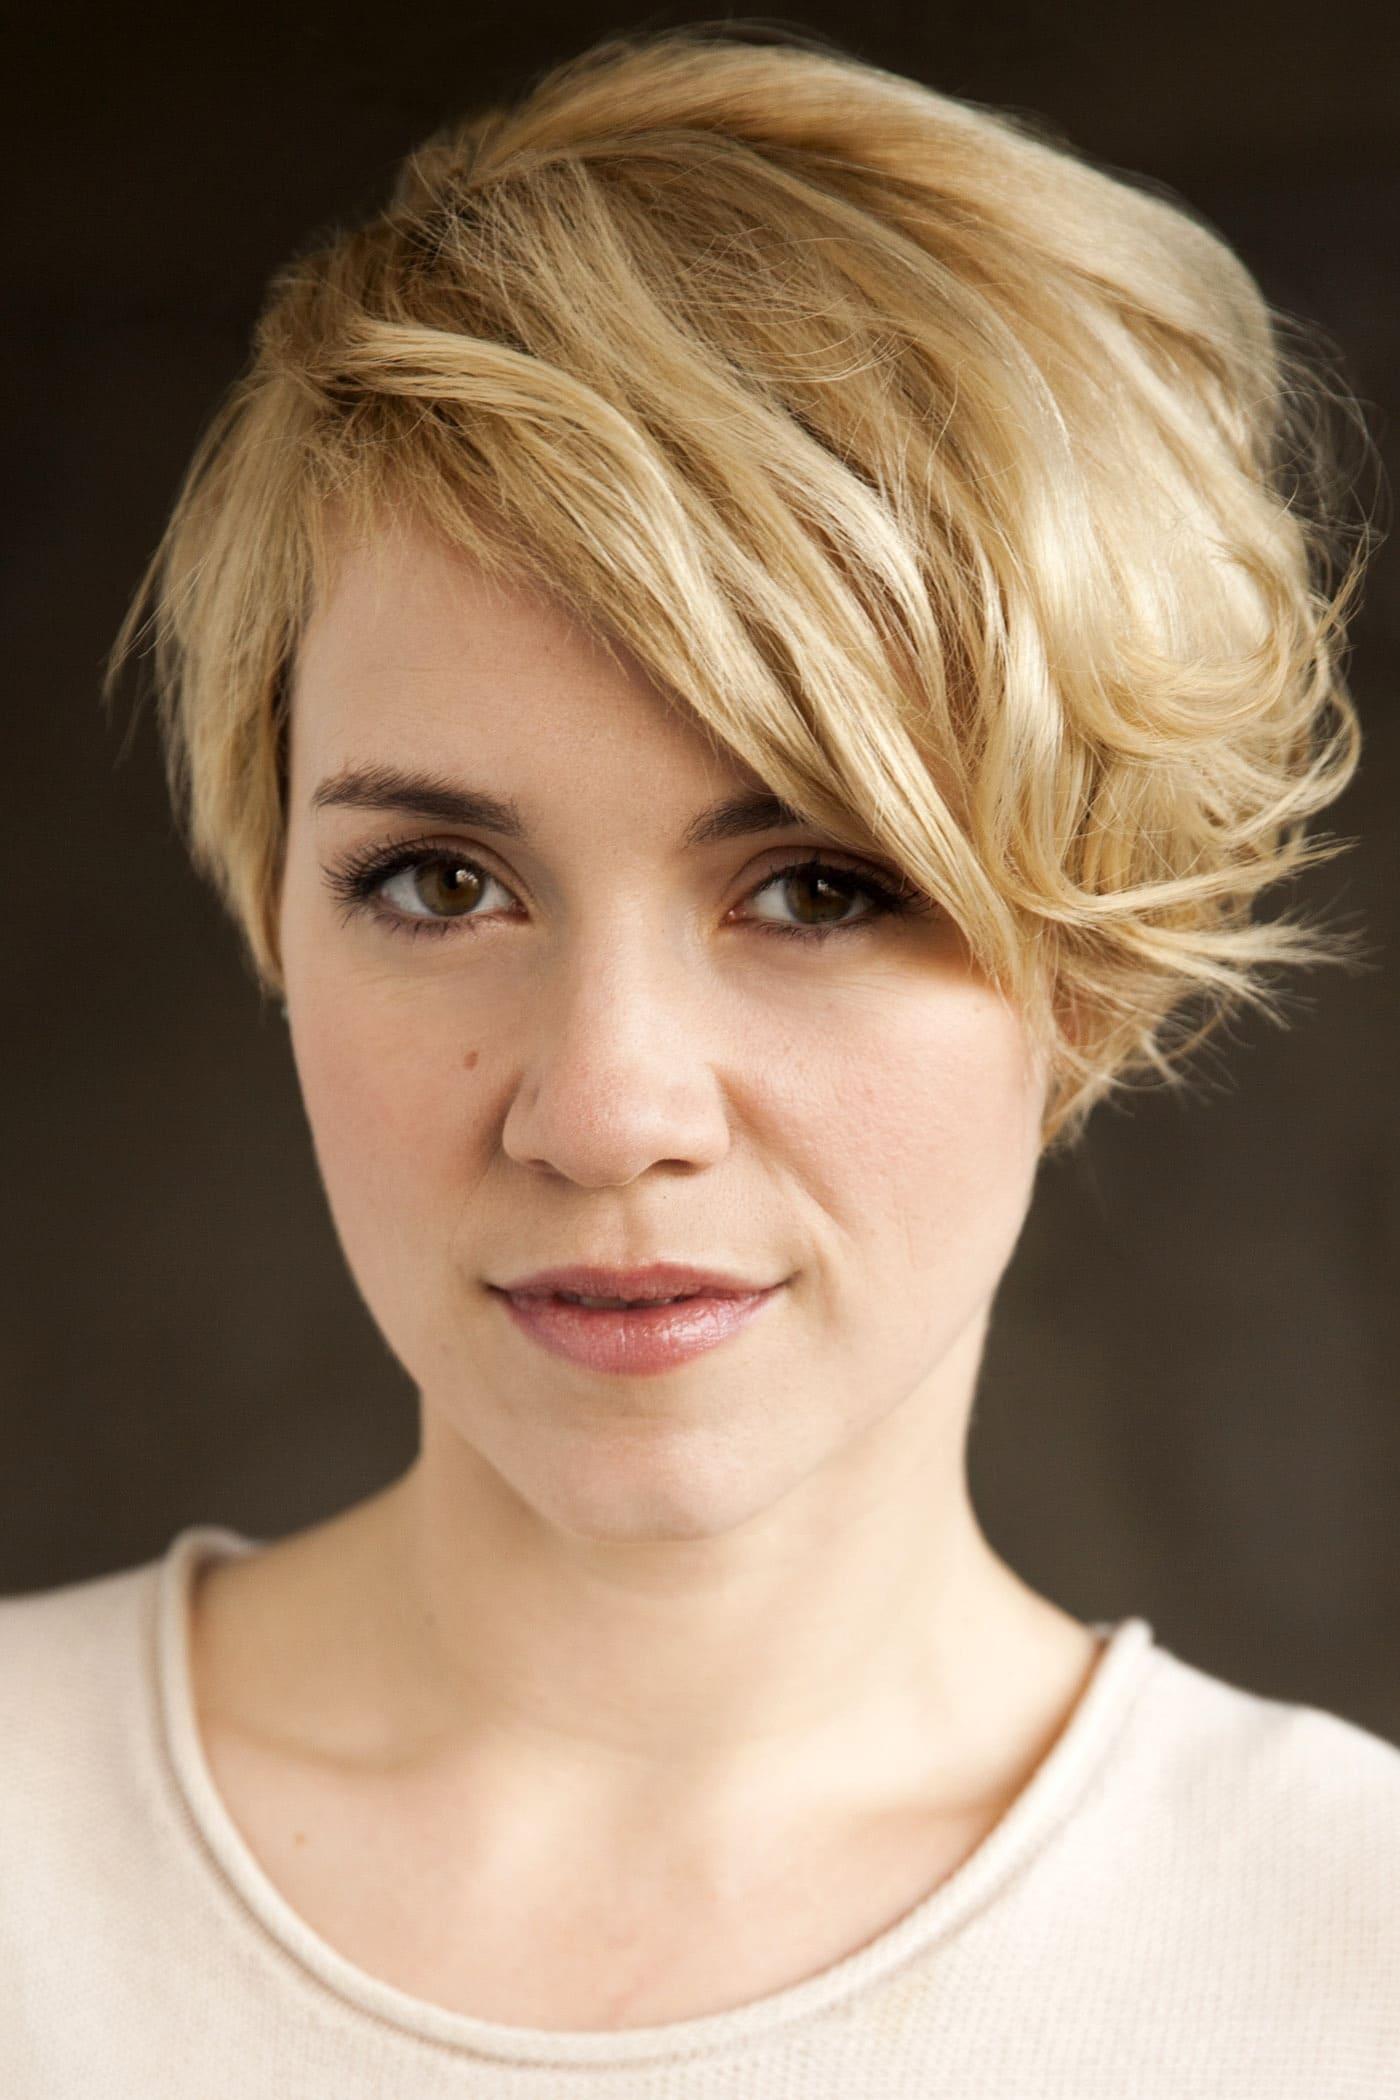 Alice Wetterlund